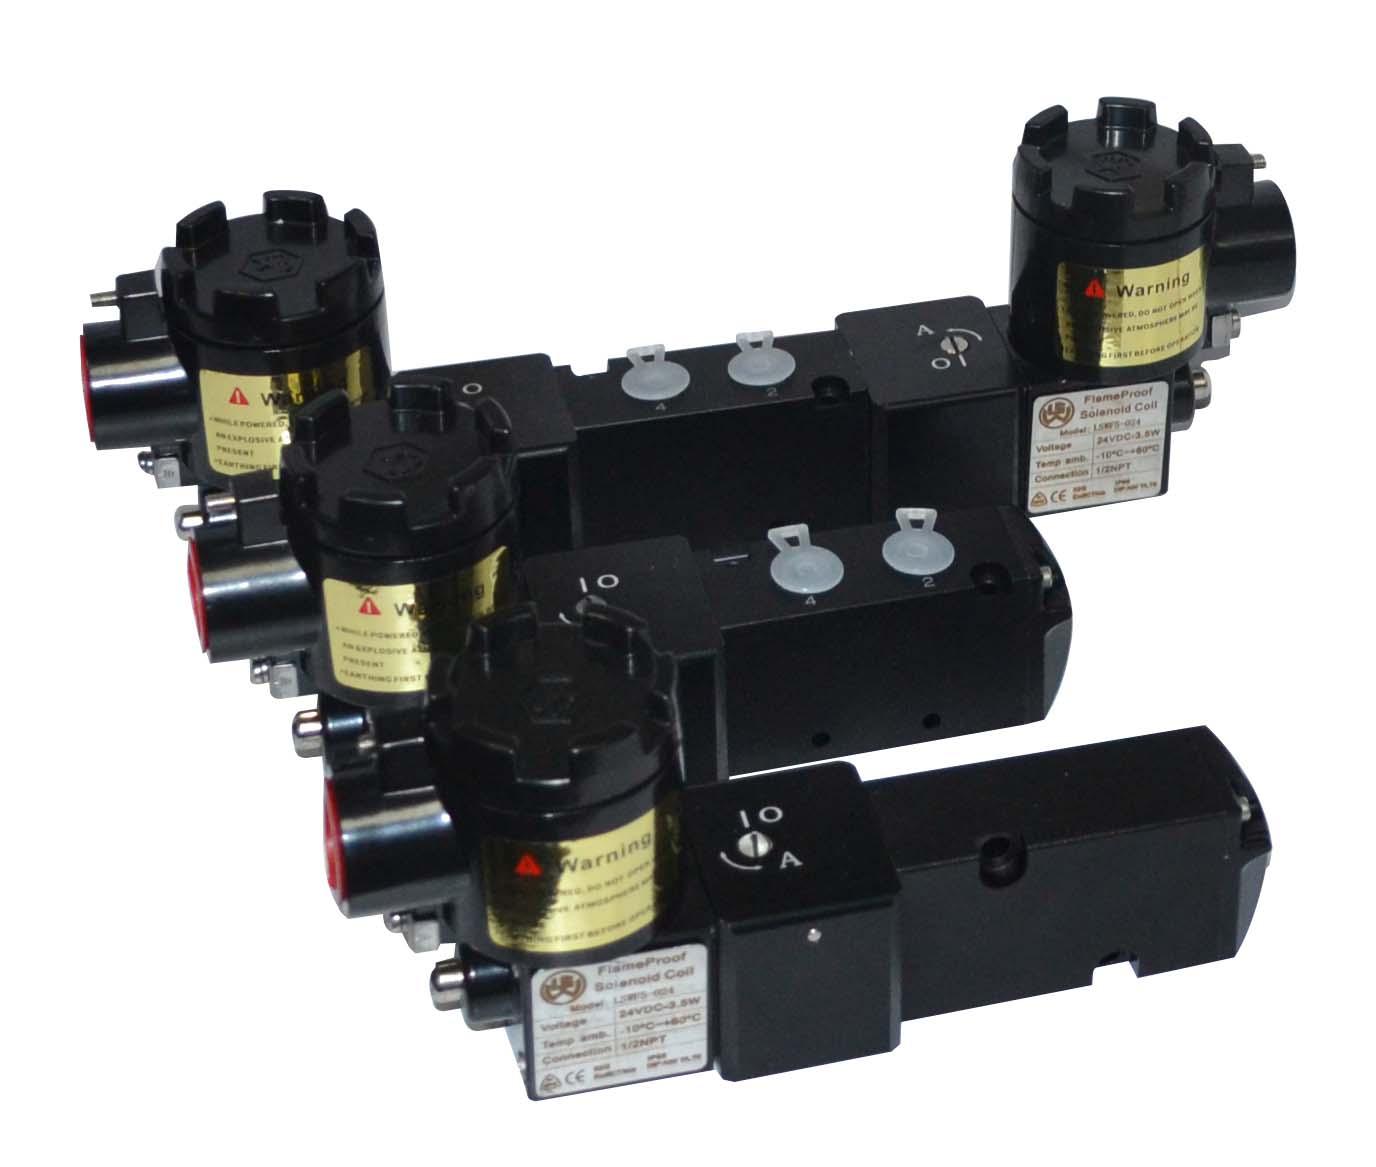 集成安装CT6防爆电磁阀,隔爆电磁阀,电磁控制阀